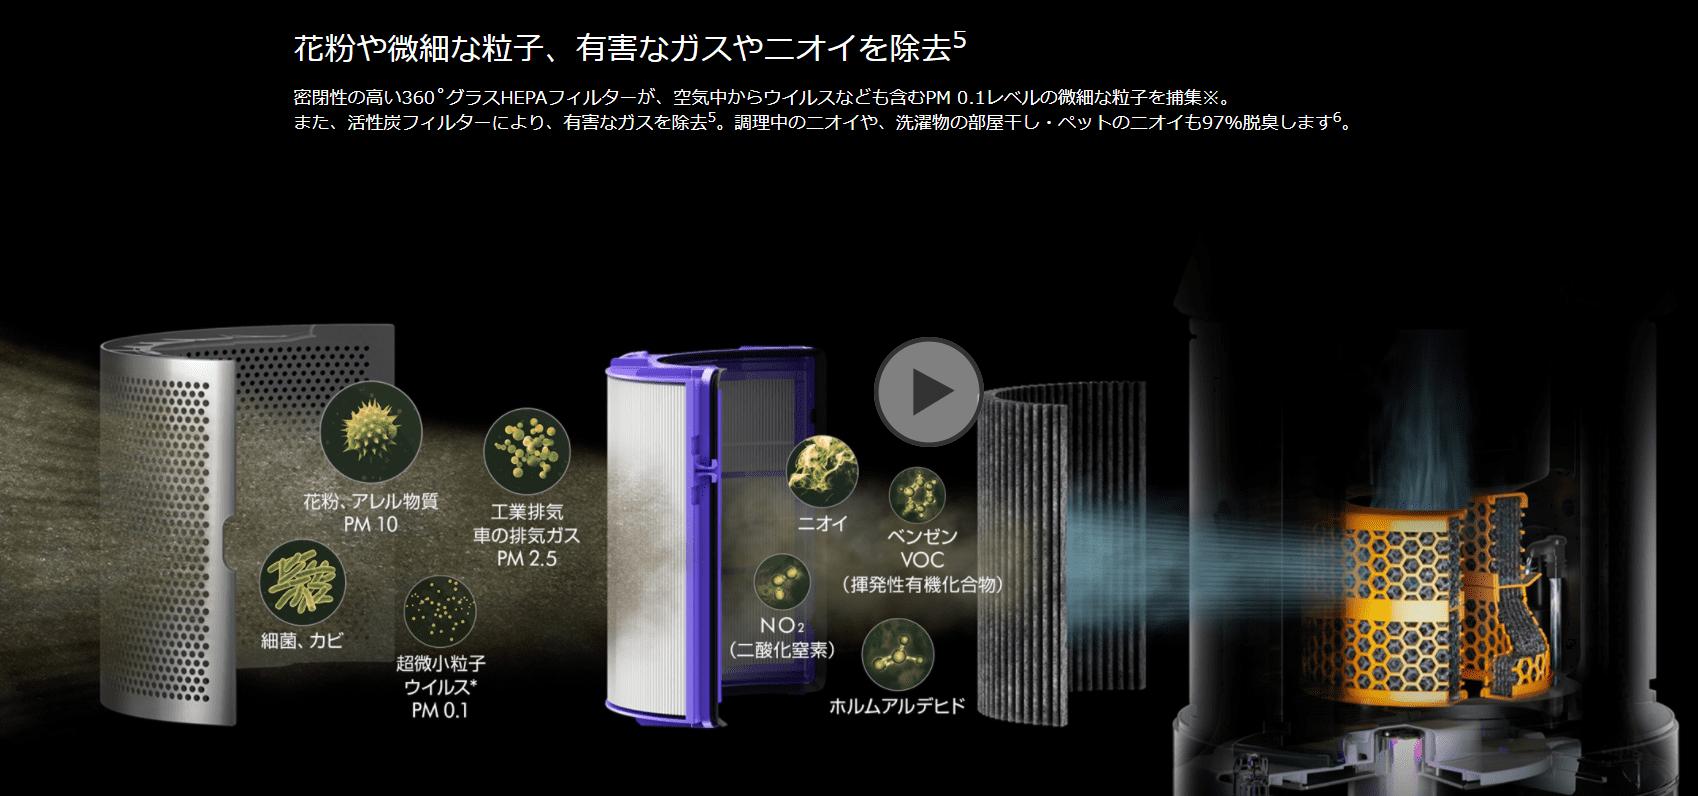 【2020最新・ダイソン扇風機】羽根無し扇風機の代表格!空気清浄・加湿・ヒーター機能が搭載されたDysonピュアクールシリーズ比較|使い方・電気代もご紹介|機種について:「pure humidify+cool」(型式:PH01):空気中の微細な粒子やニオイを除去